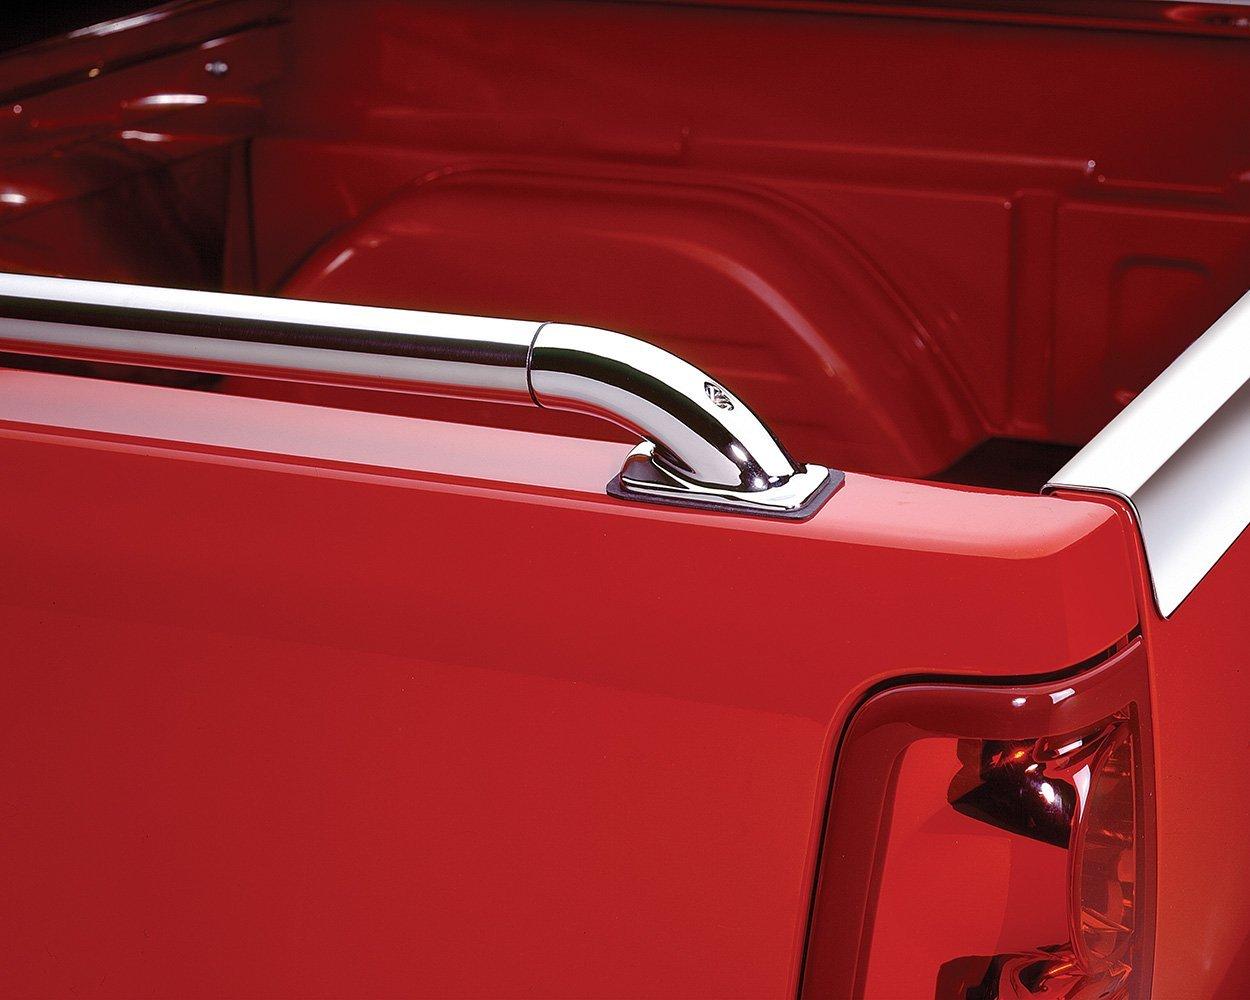 Putco Steel SSR Locker Side Rails for 2015 GMC Sierra LD/HD 8' Bed w/o Dually